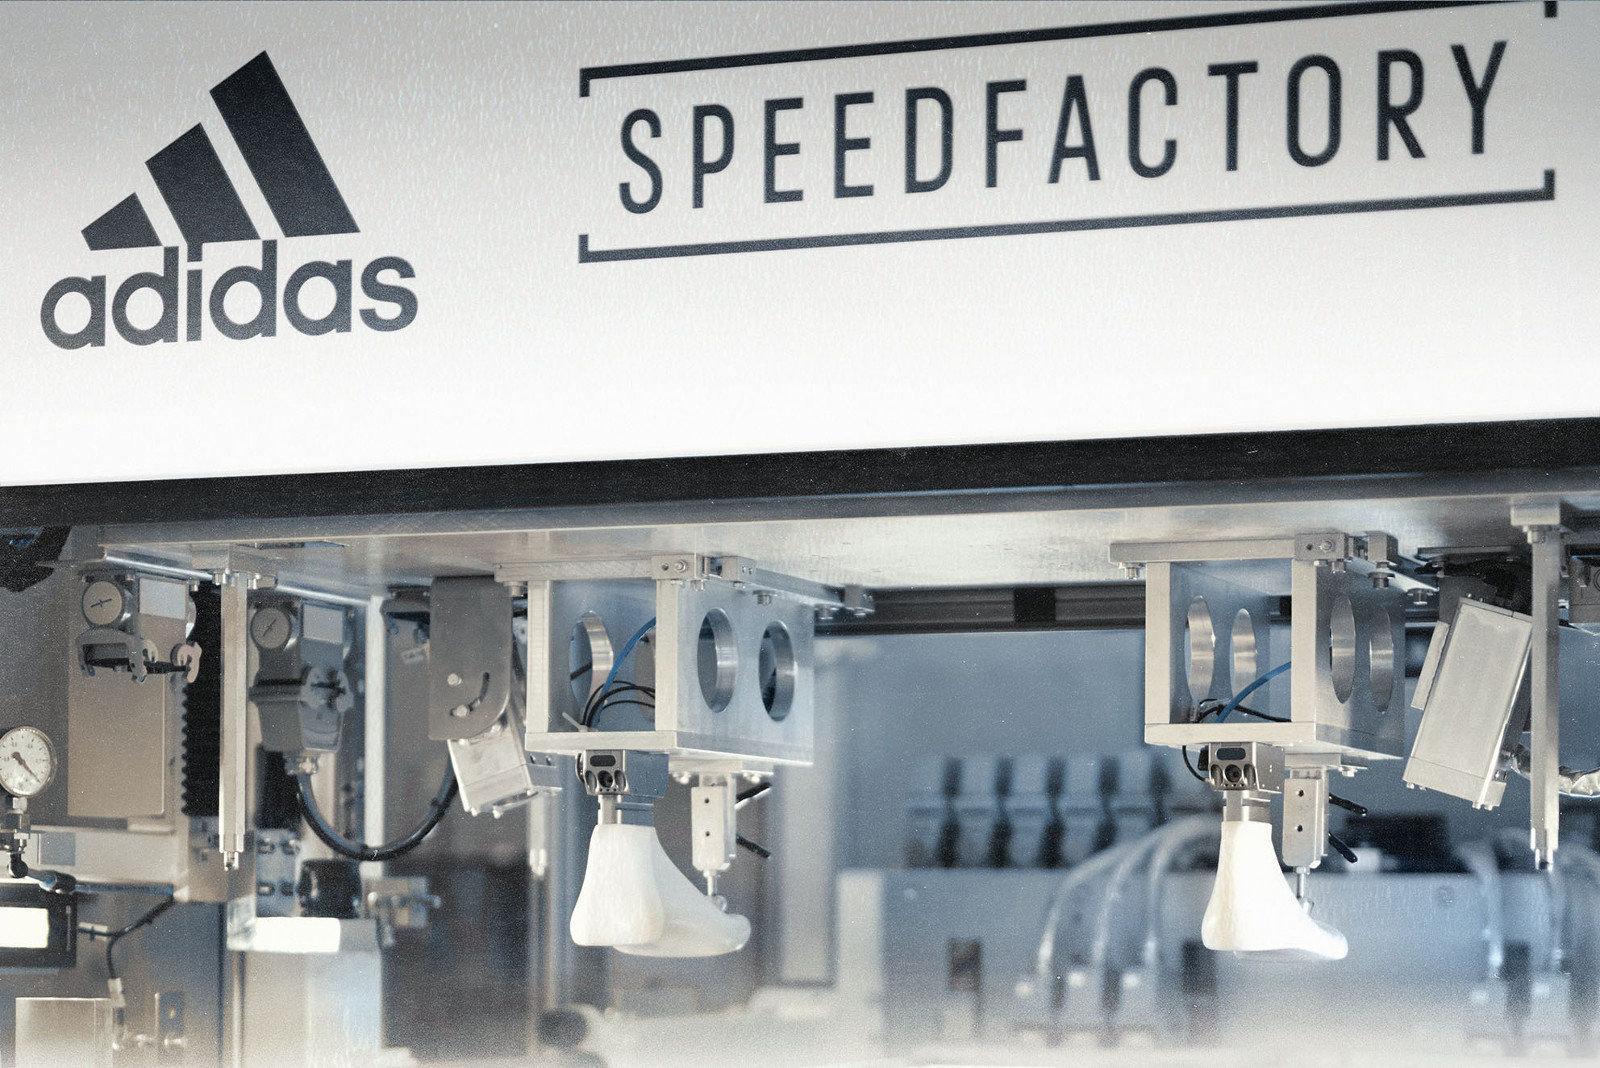 Adidas закрывает роботизированные фабрики в Германии и США, технологии компании будут использоваться поставщиками в Азии